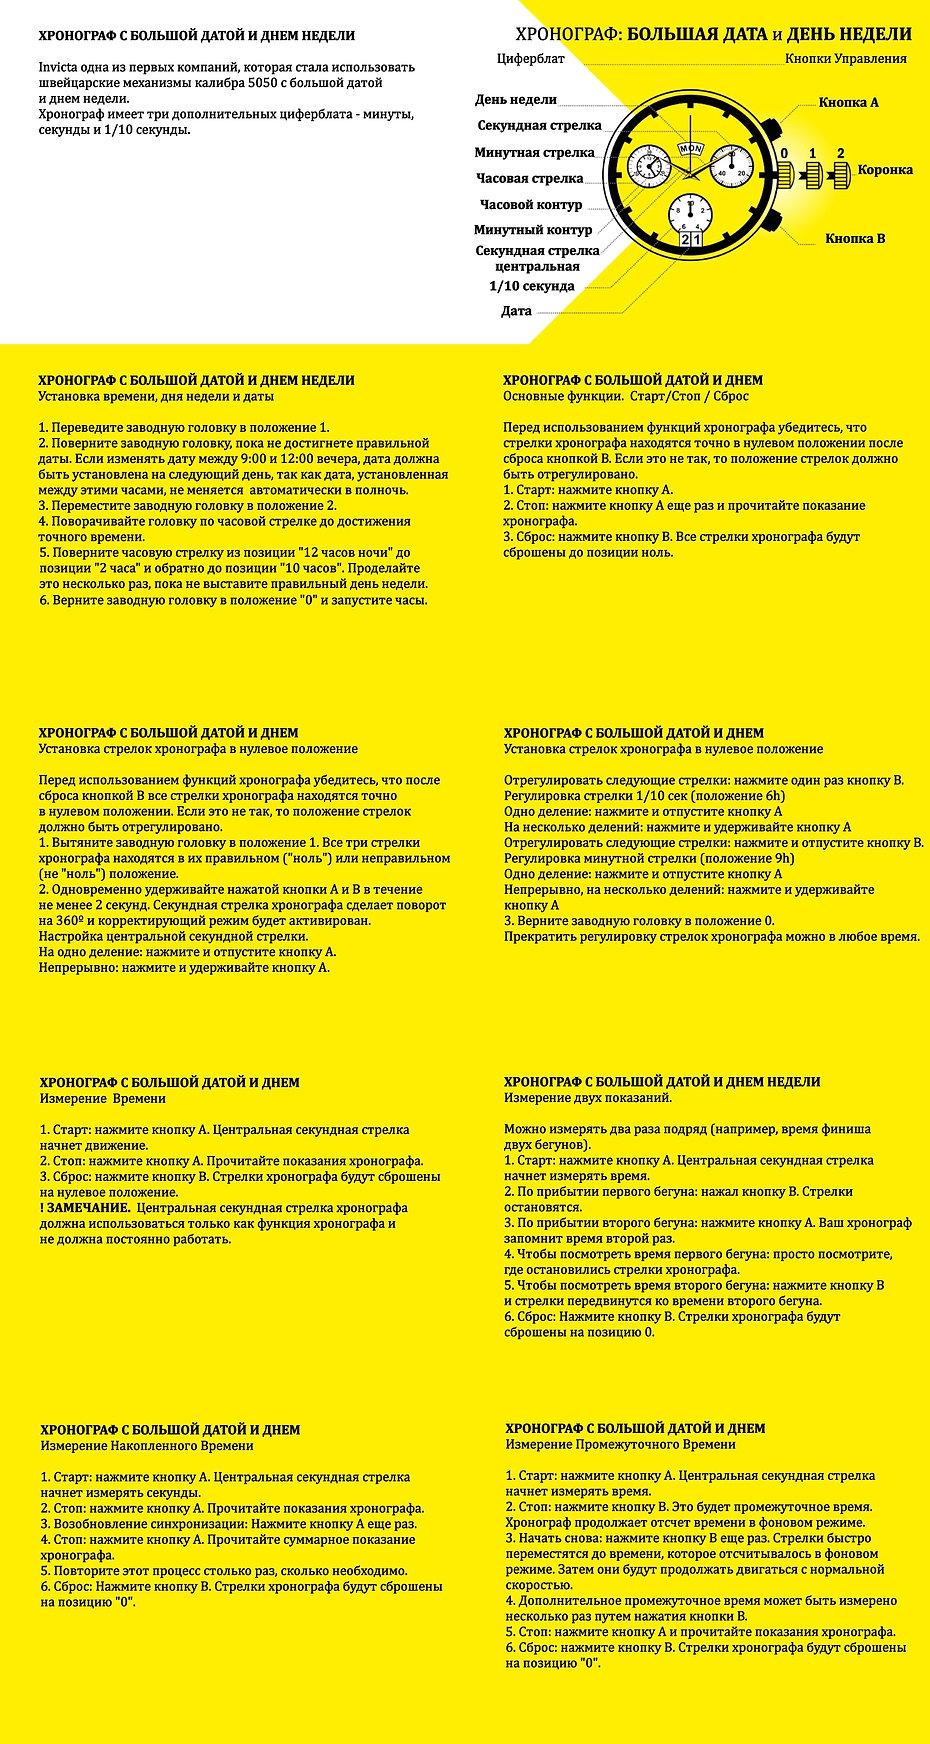 Инструкция хронограф инвикта на русском языке Invicta